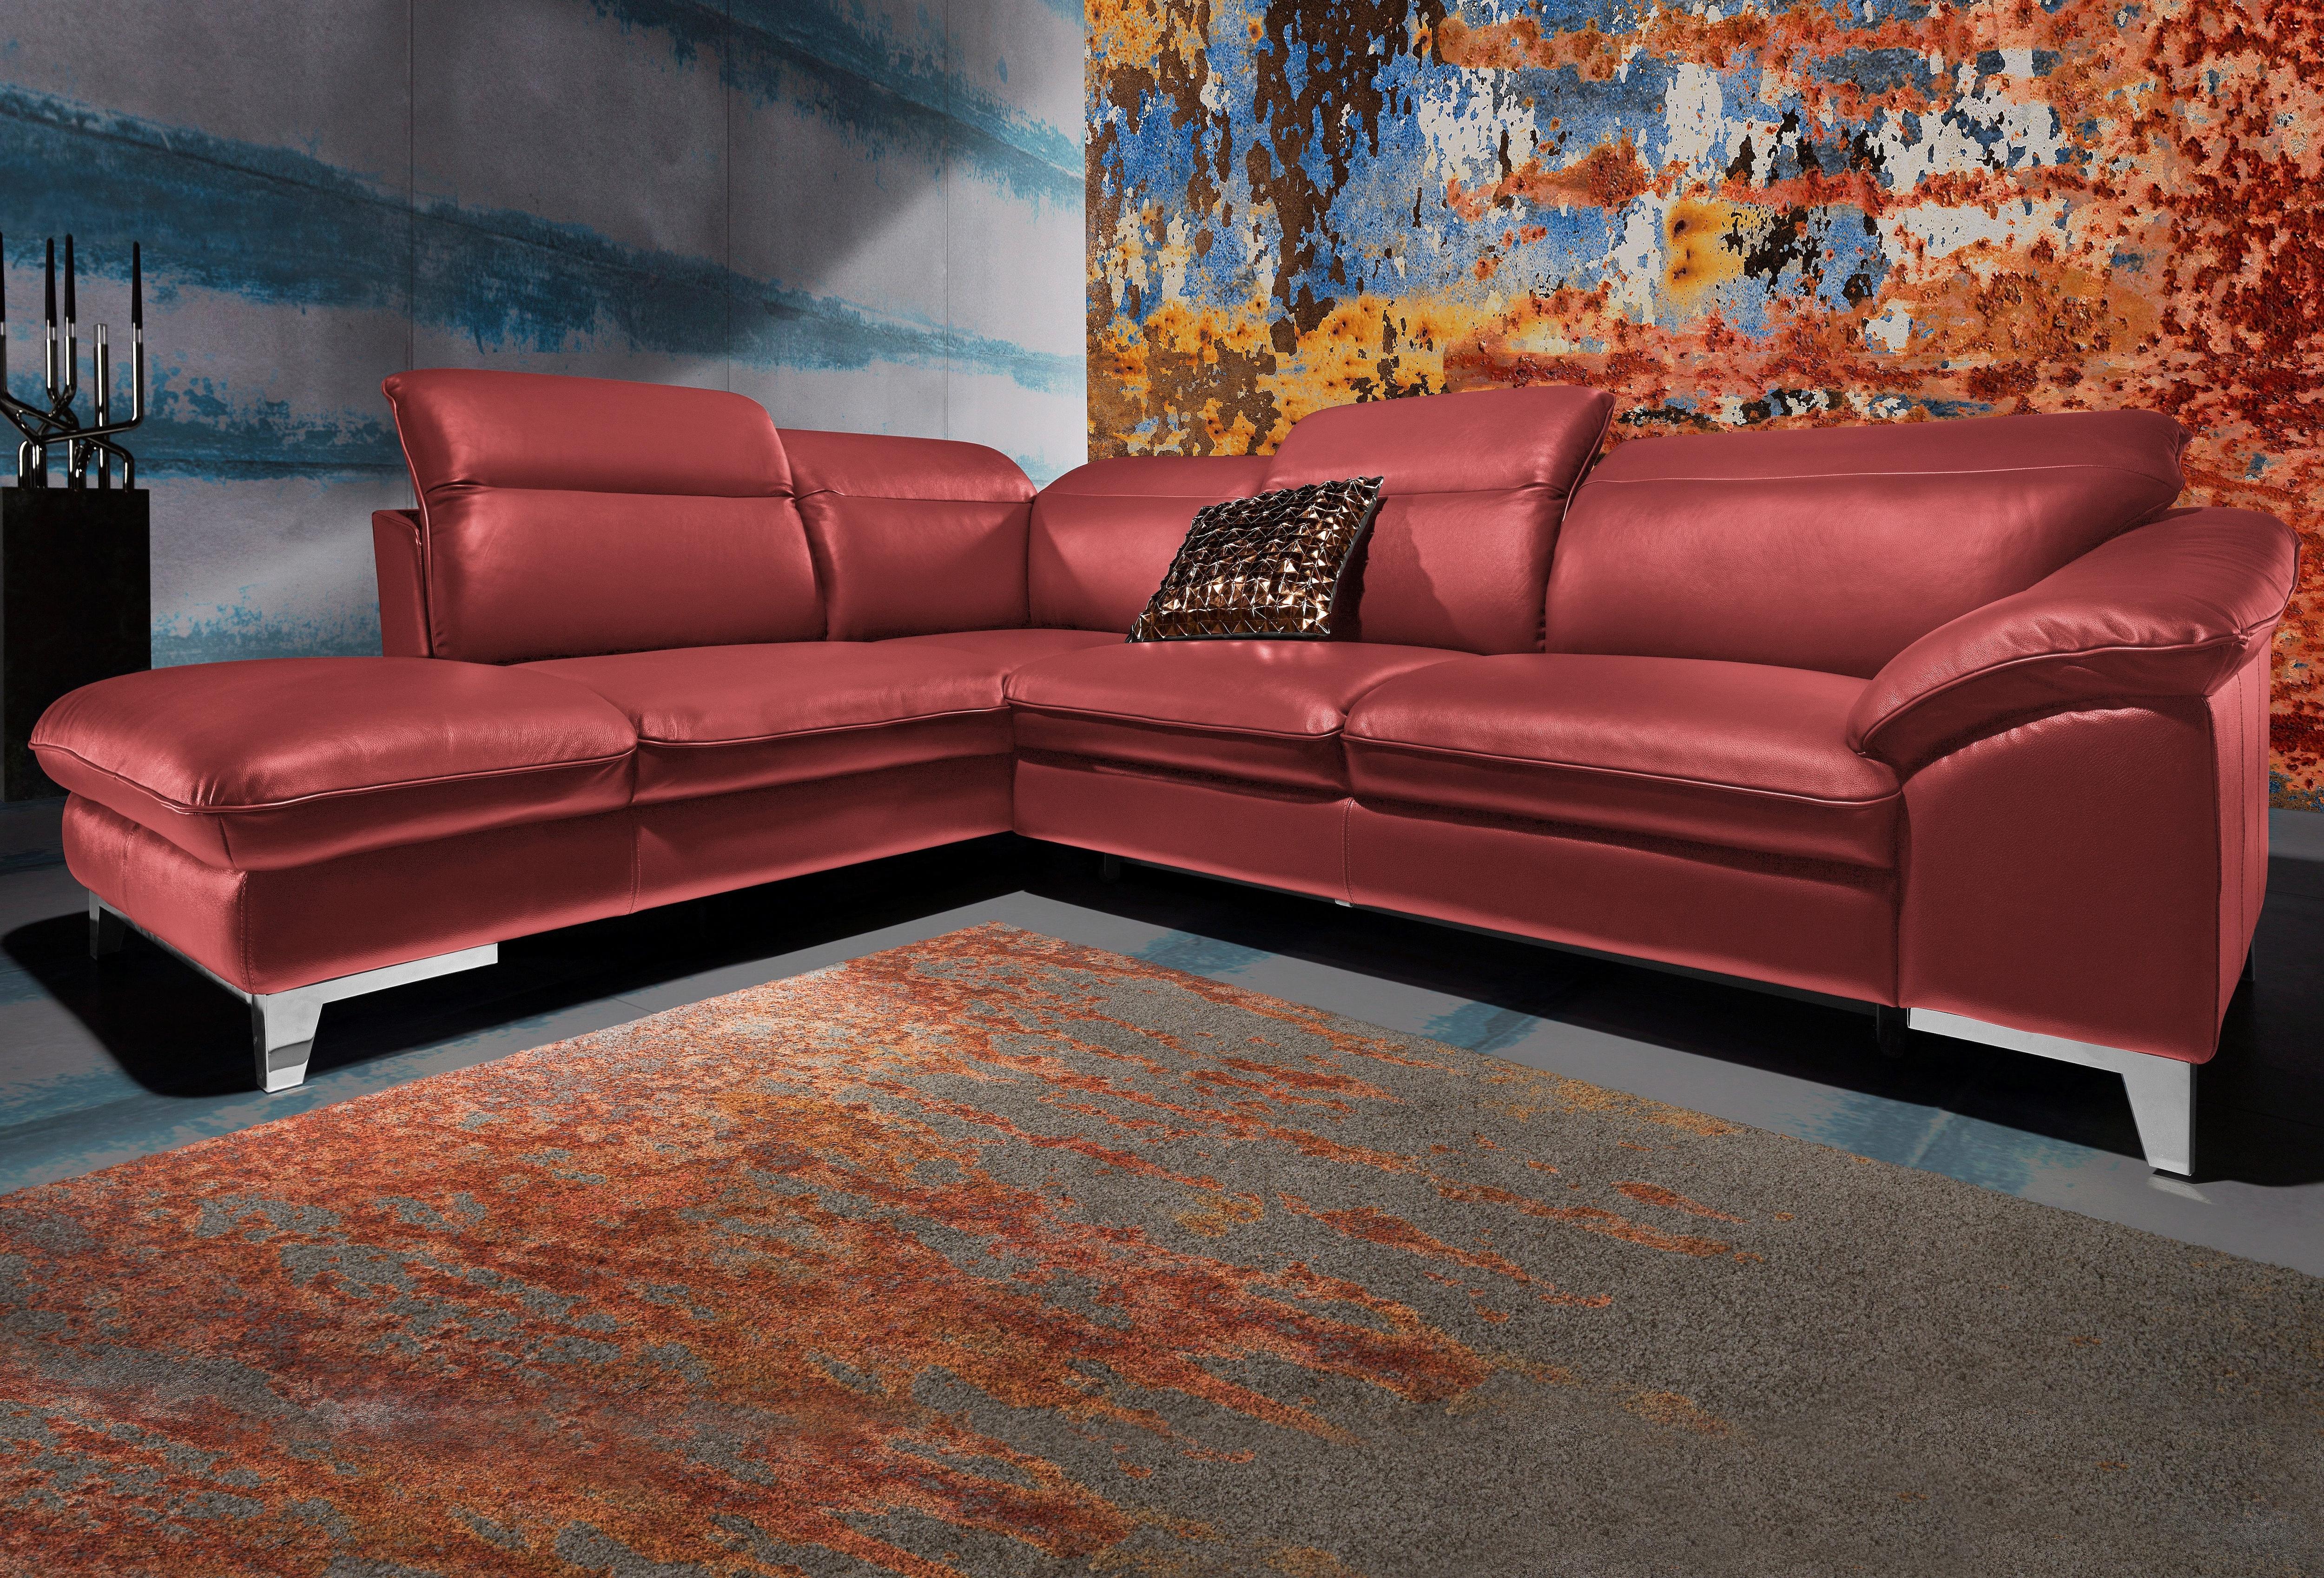 Cotta Polsterecke, wahlweise mit Bettfunktion | Wohnzimmer | Rot | COTTA